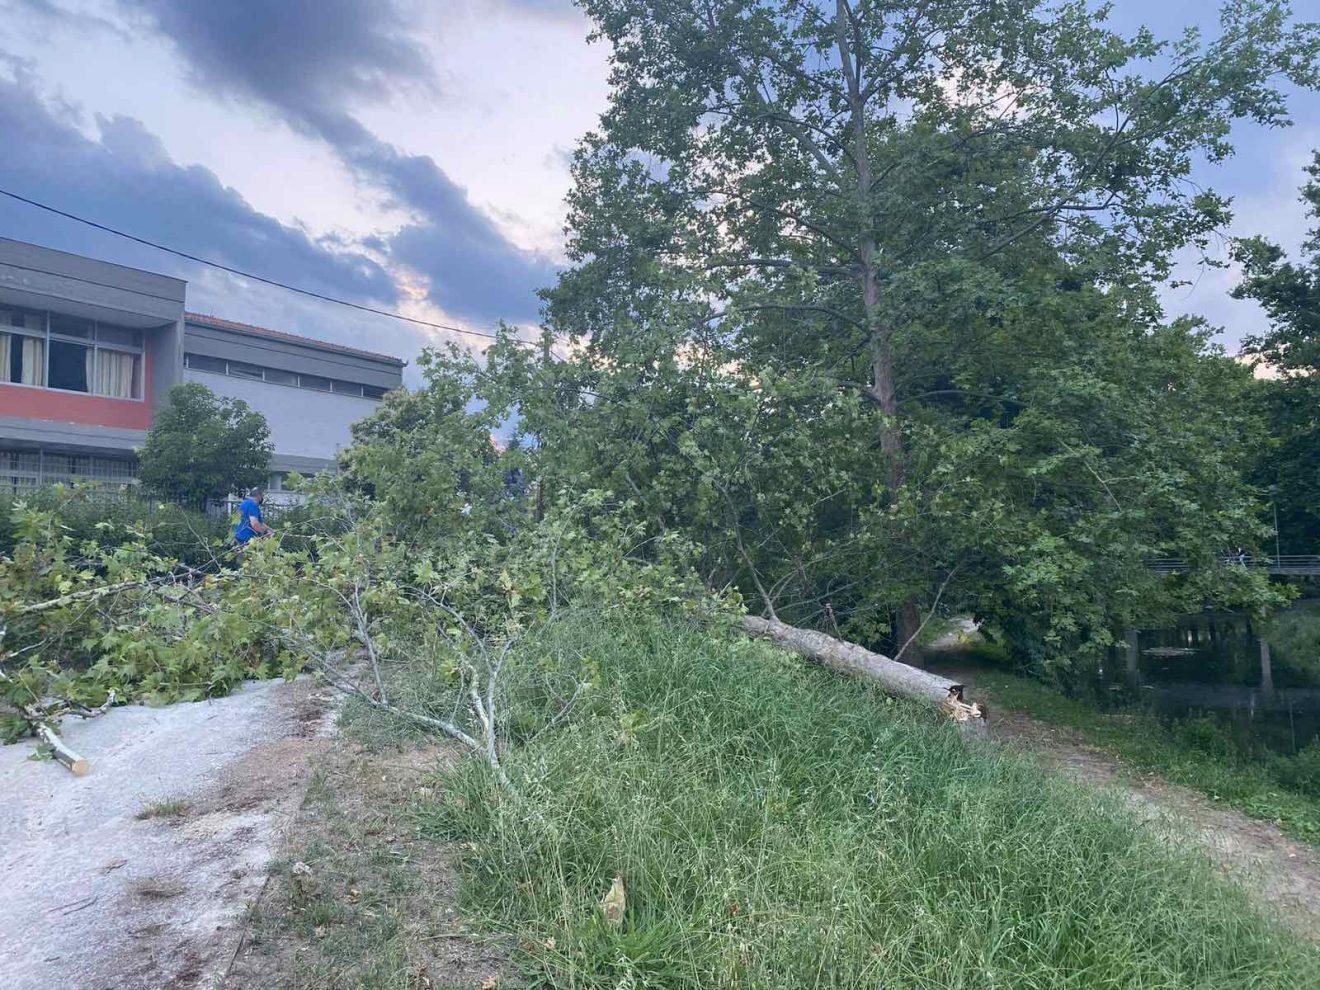 Ο αέρας ξερίζωσε δέντρο στις όχθες του Ληθαίου (φώτο)